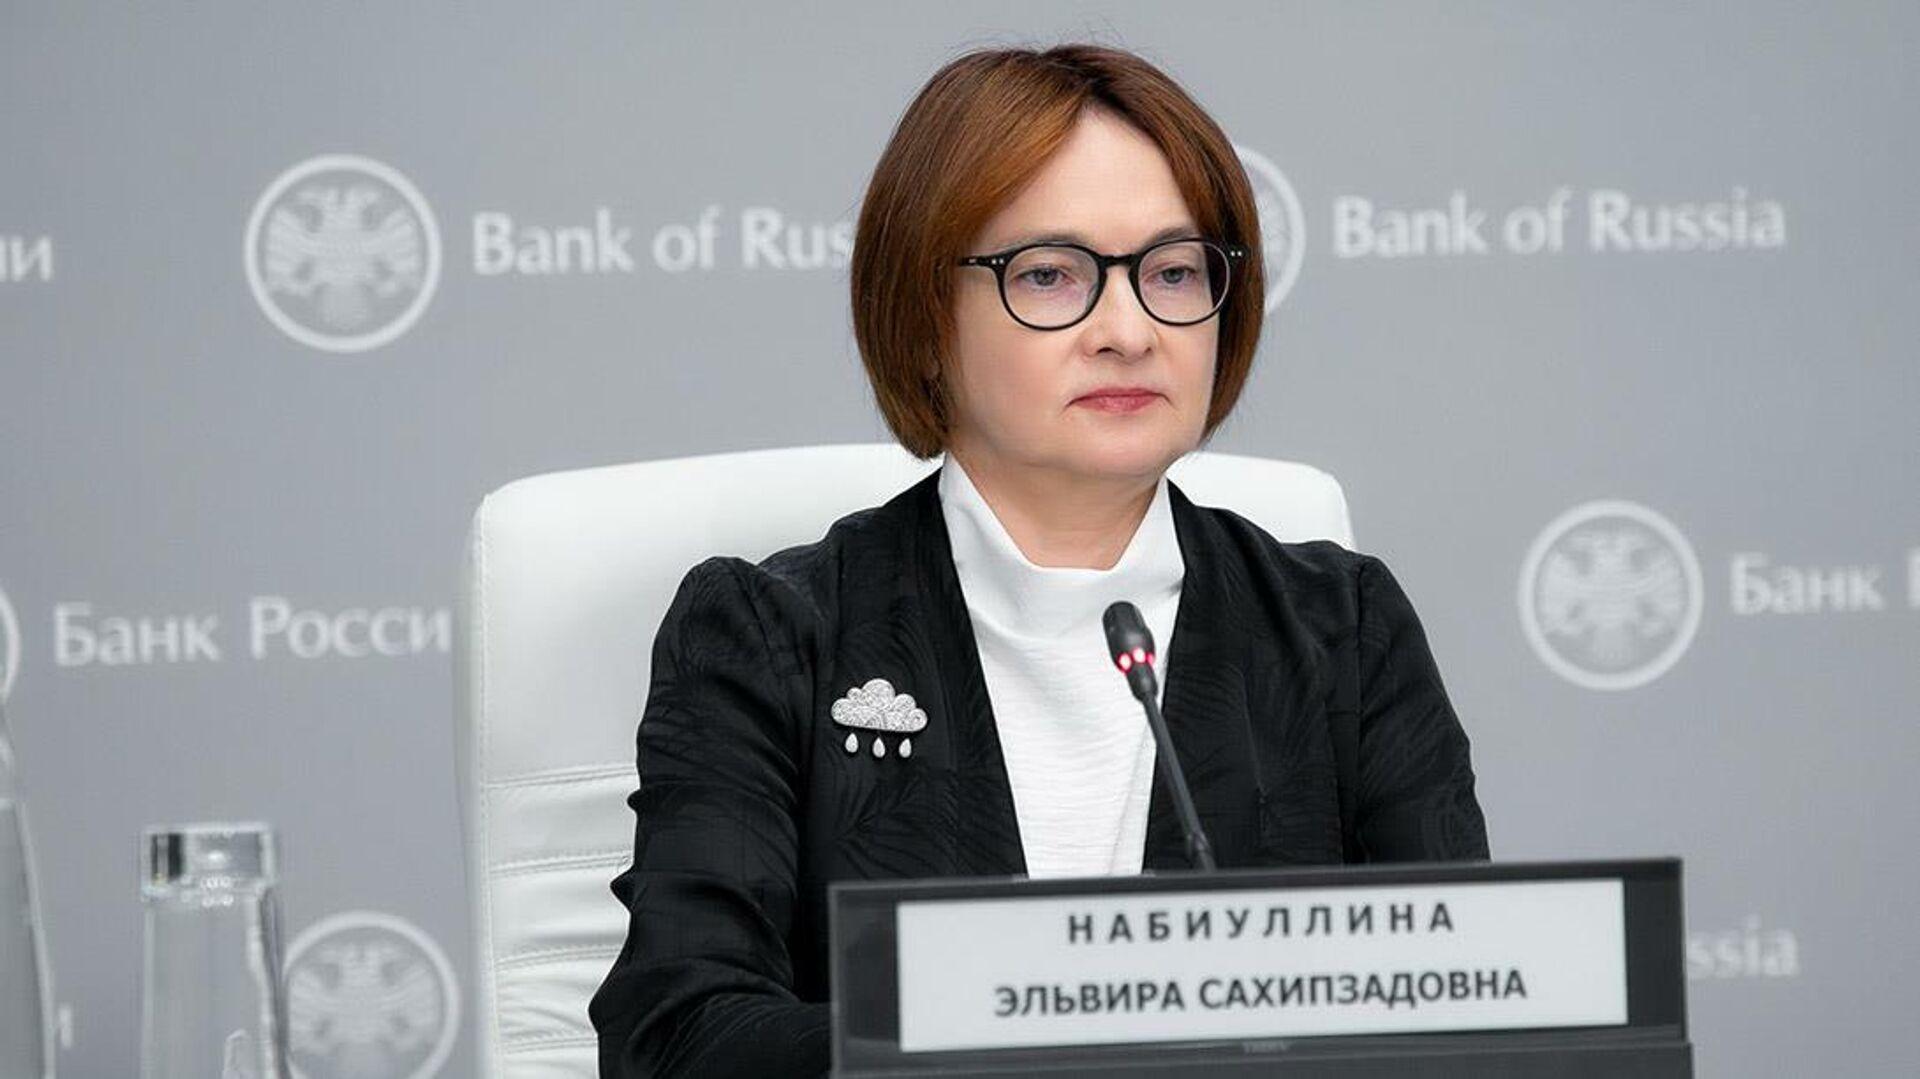 Аналитики выяснили, почему россияне откладывают получение налогового вычета